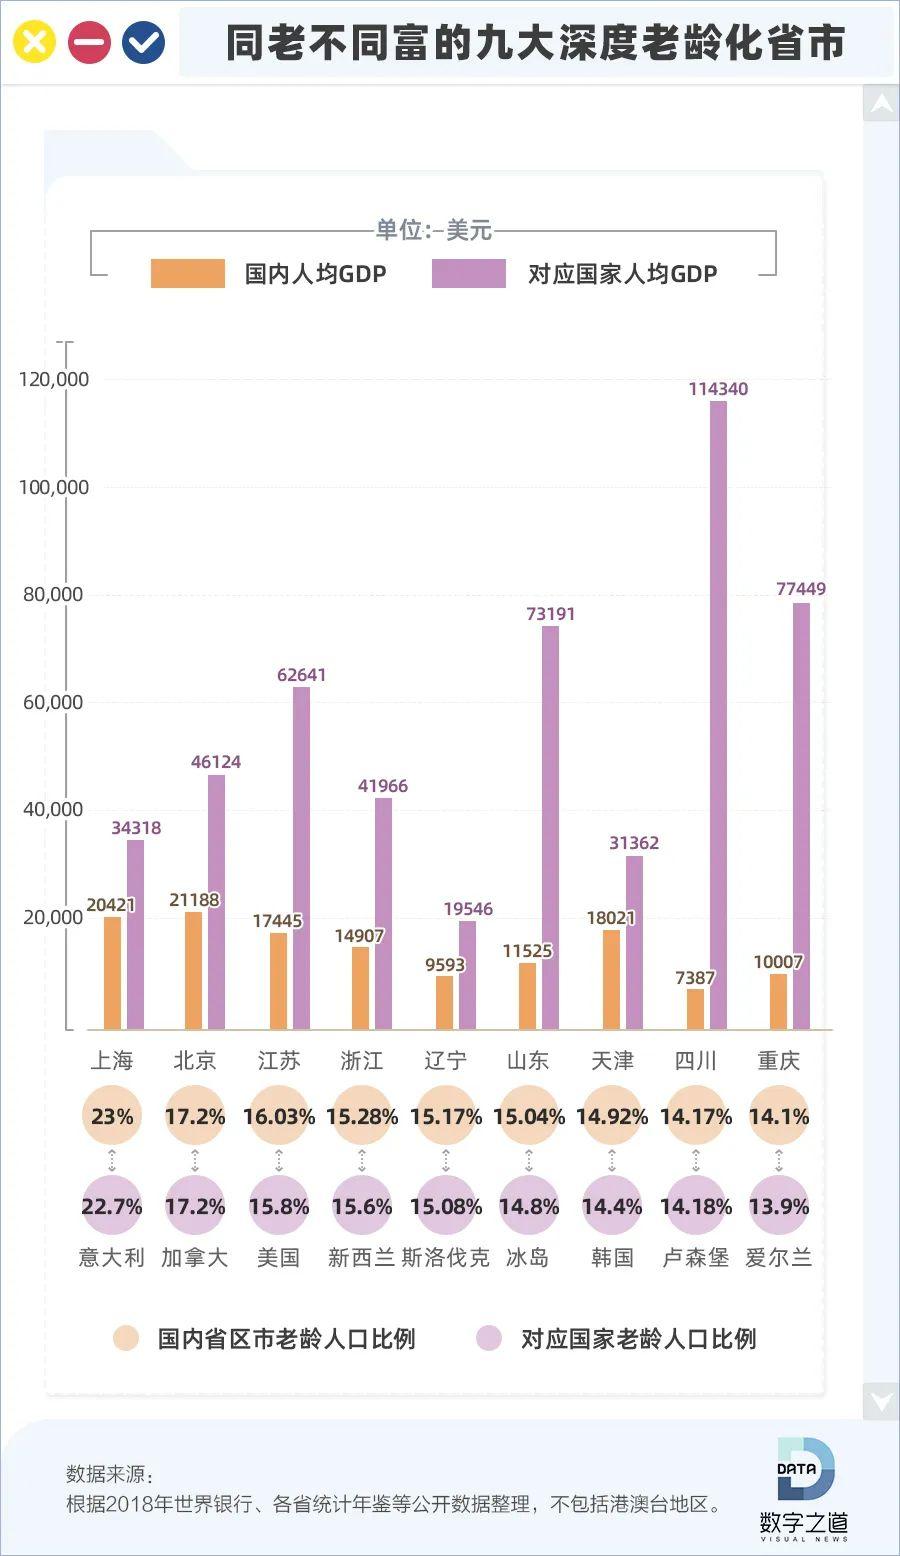 江苏和河南人均gdp对比_表情 数据观市 中国与日本 韩国 德国人均GDP对比 表情